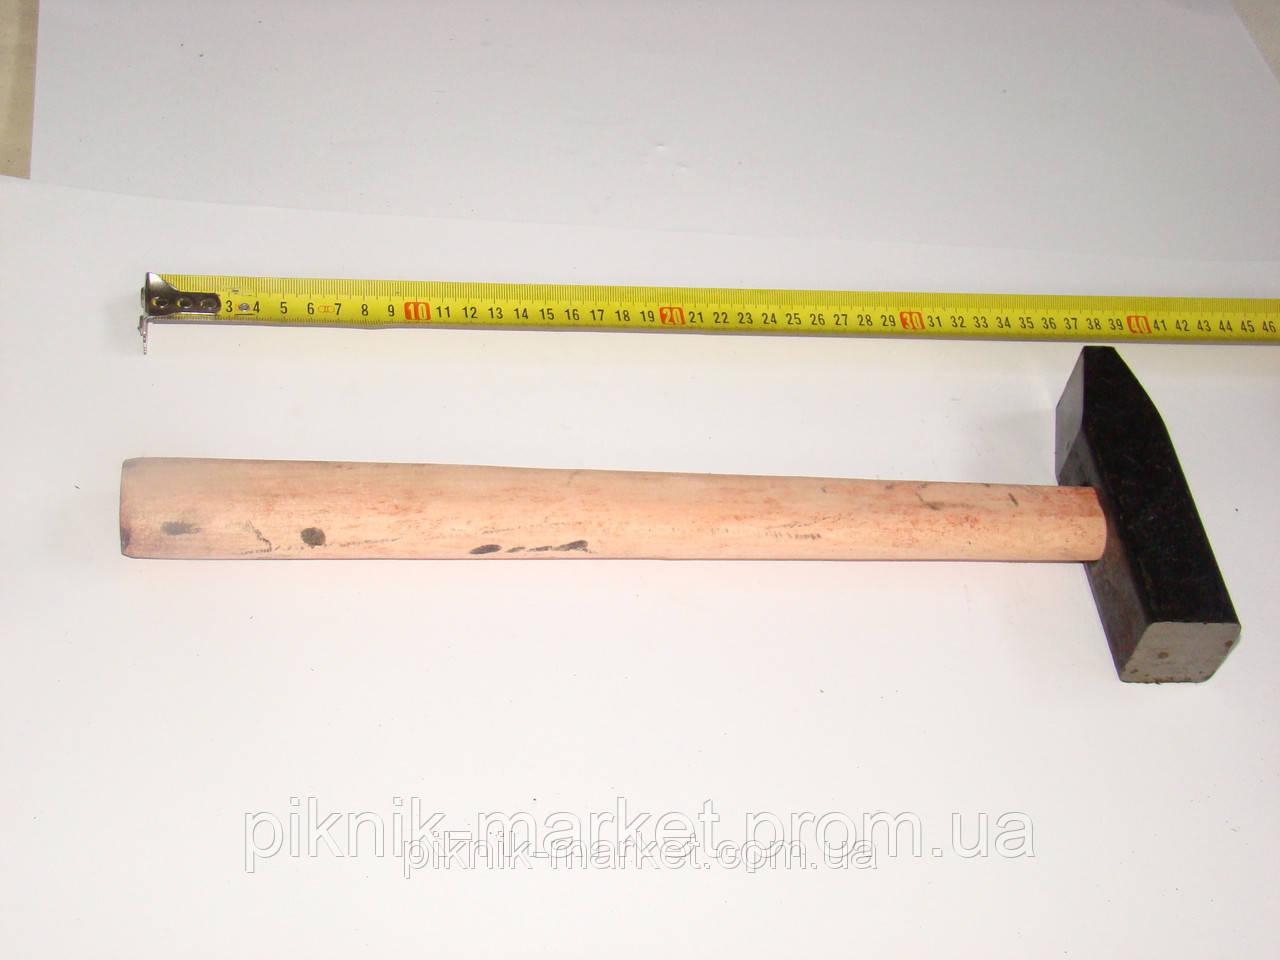 Молоток 1,0 кг з квадратным бойком с ручкой - Пикник Маркет в Запорожской области